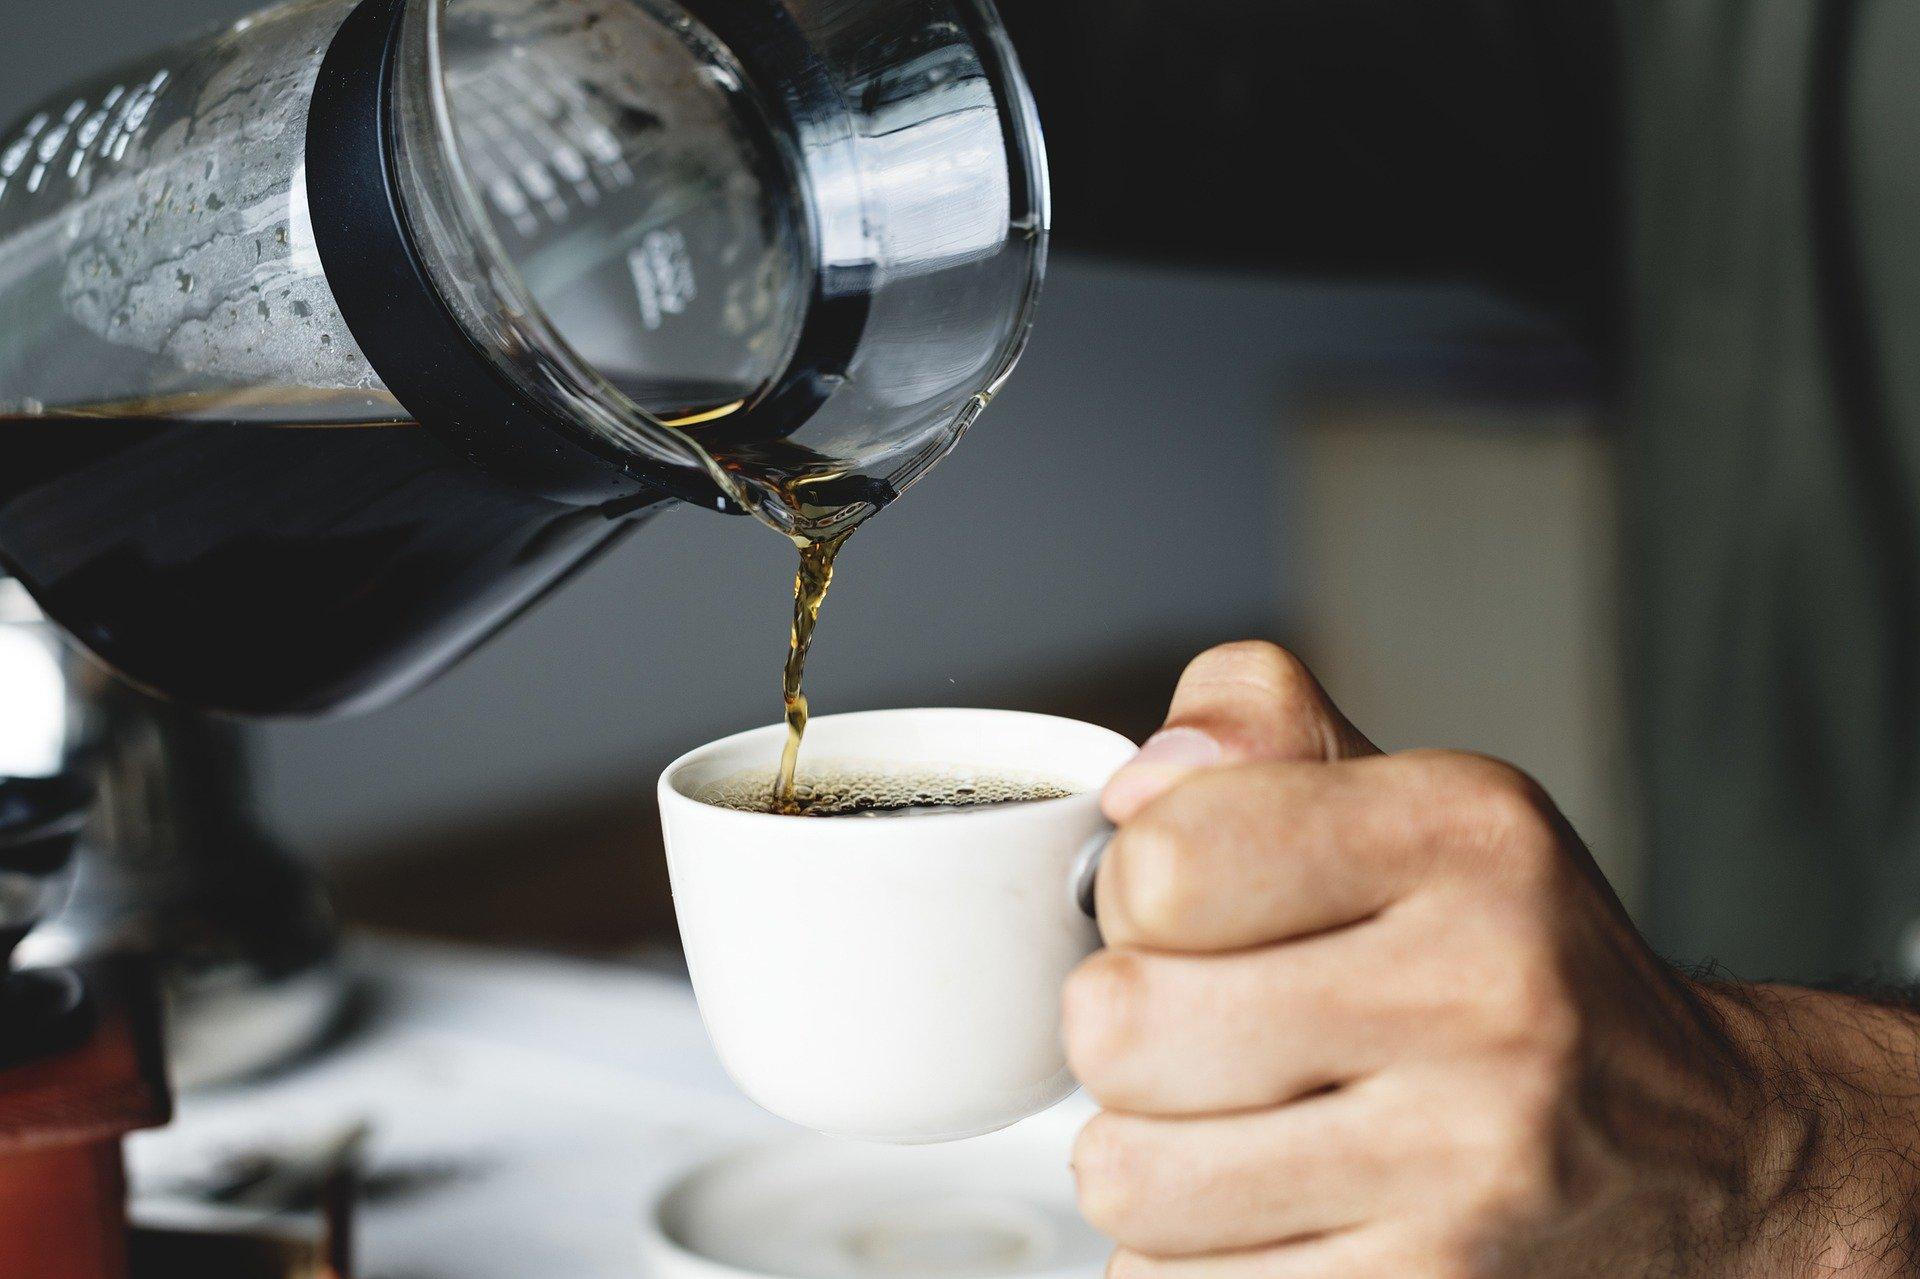 Налить кофе фото